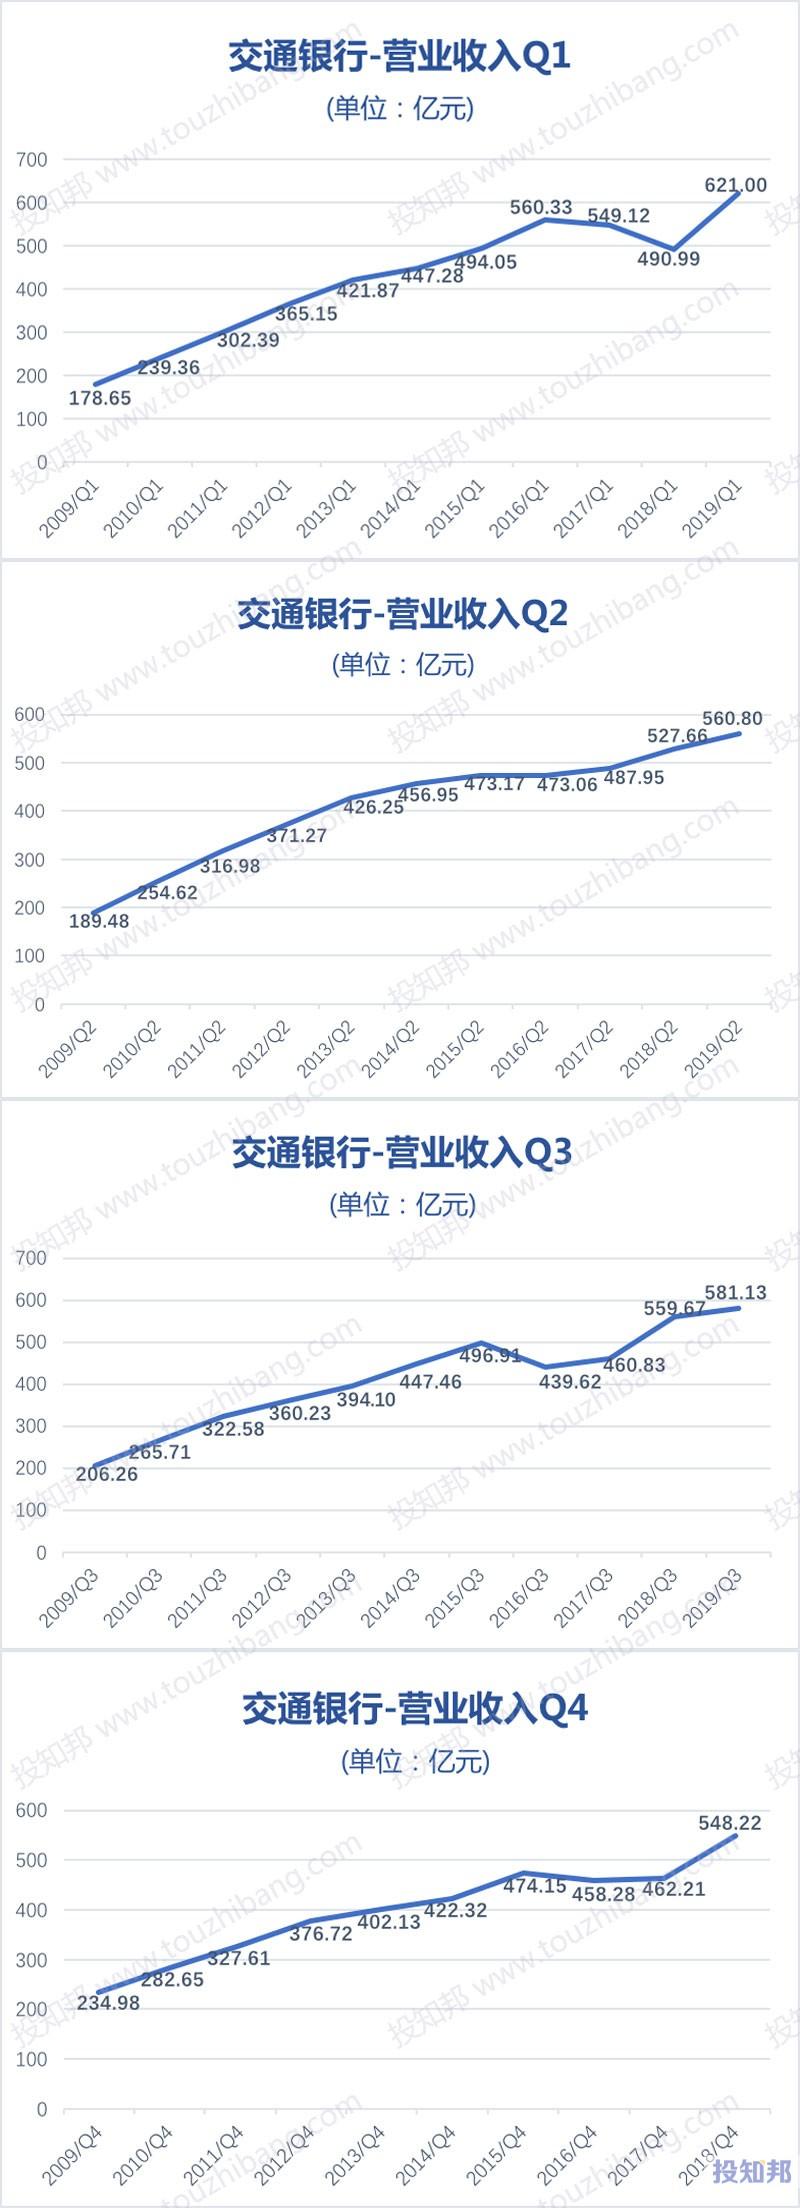 图解交通银行(601328)财报数据(2009年~2019年Q3)